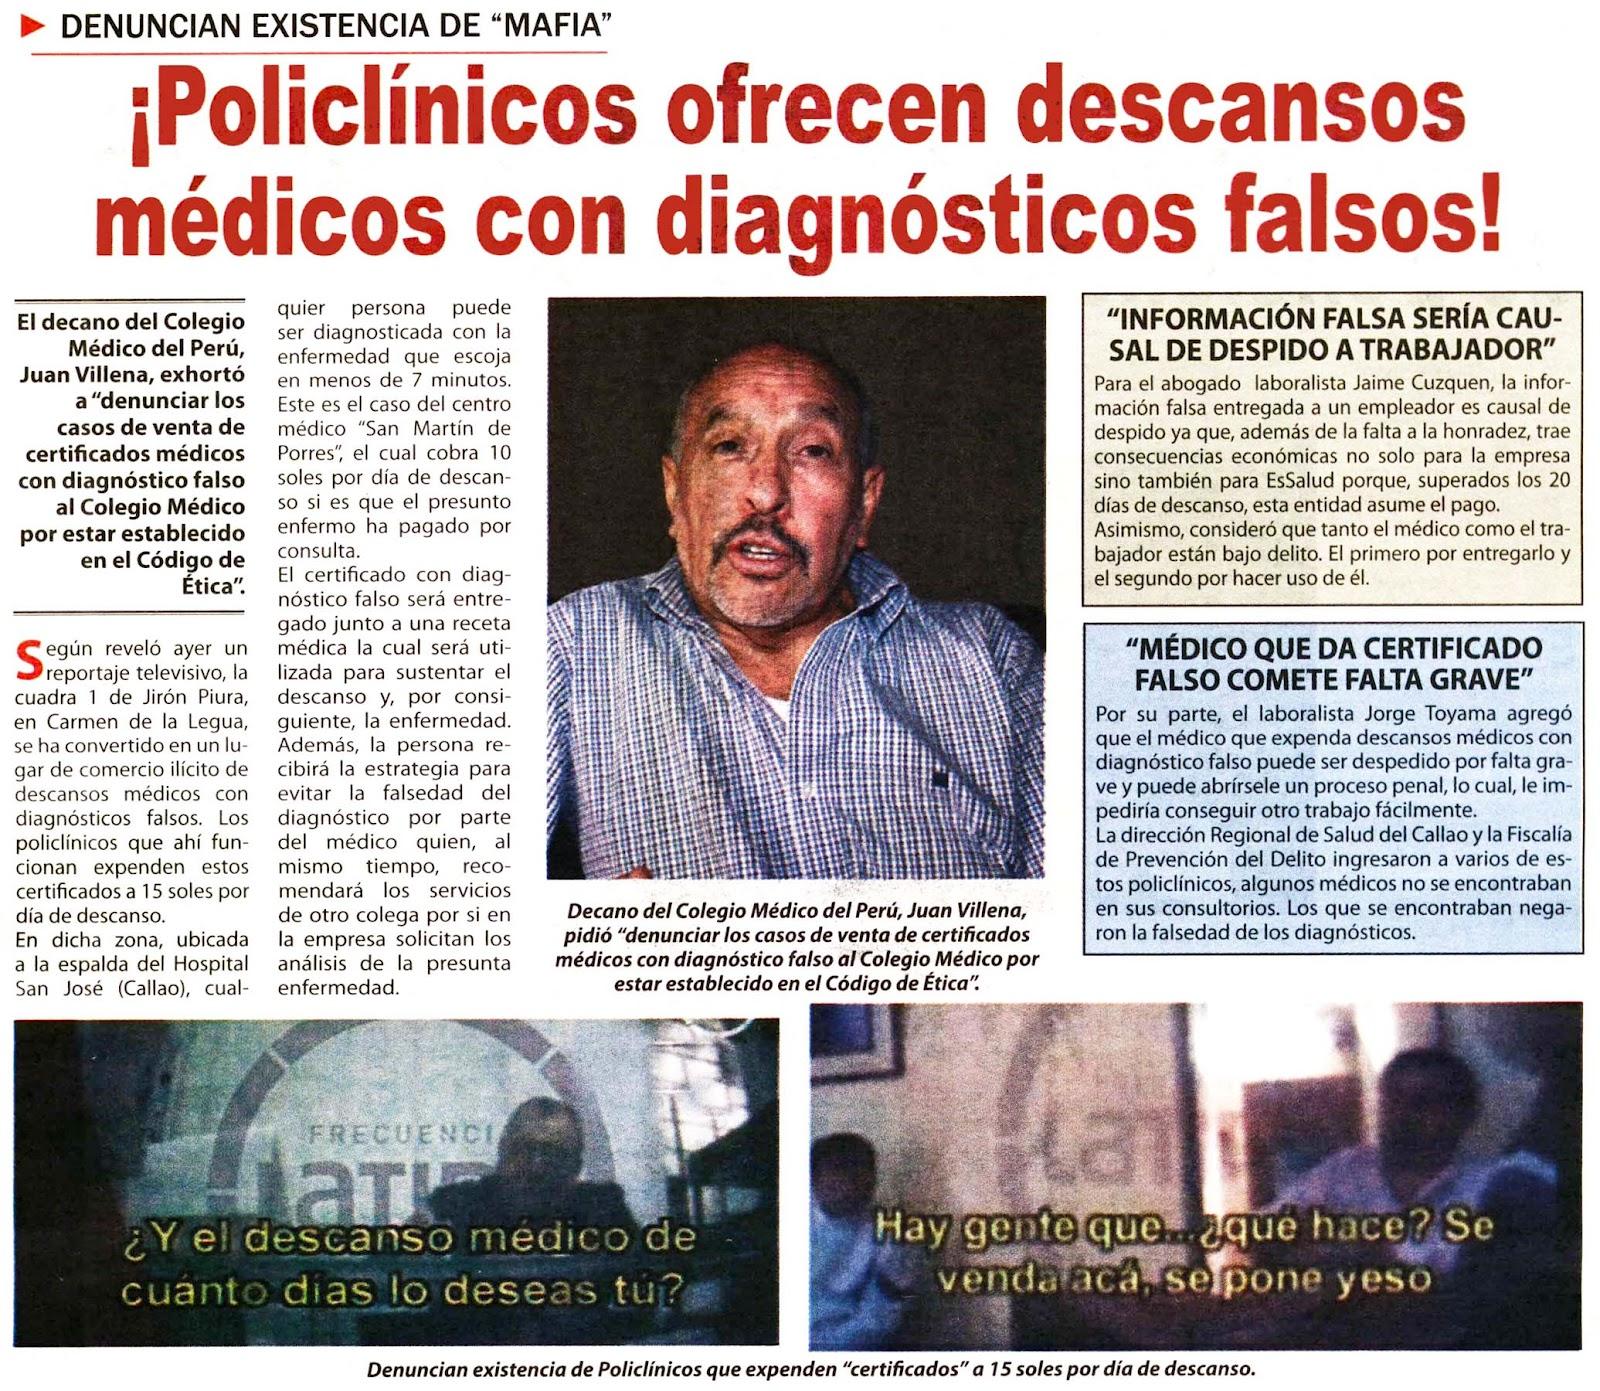 INFORMATISALUD - Noticias, Boletines de Salud Perú: SALUD 10-09-2012